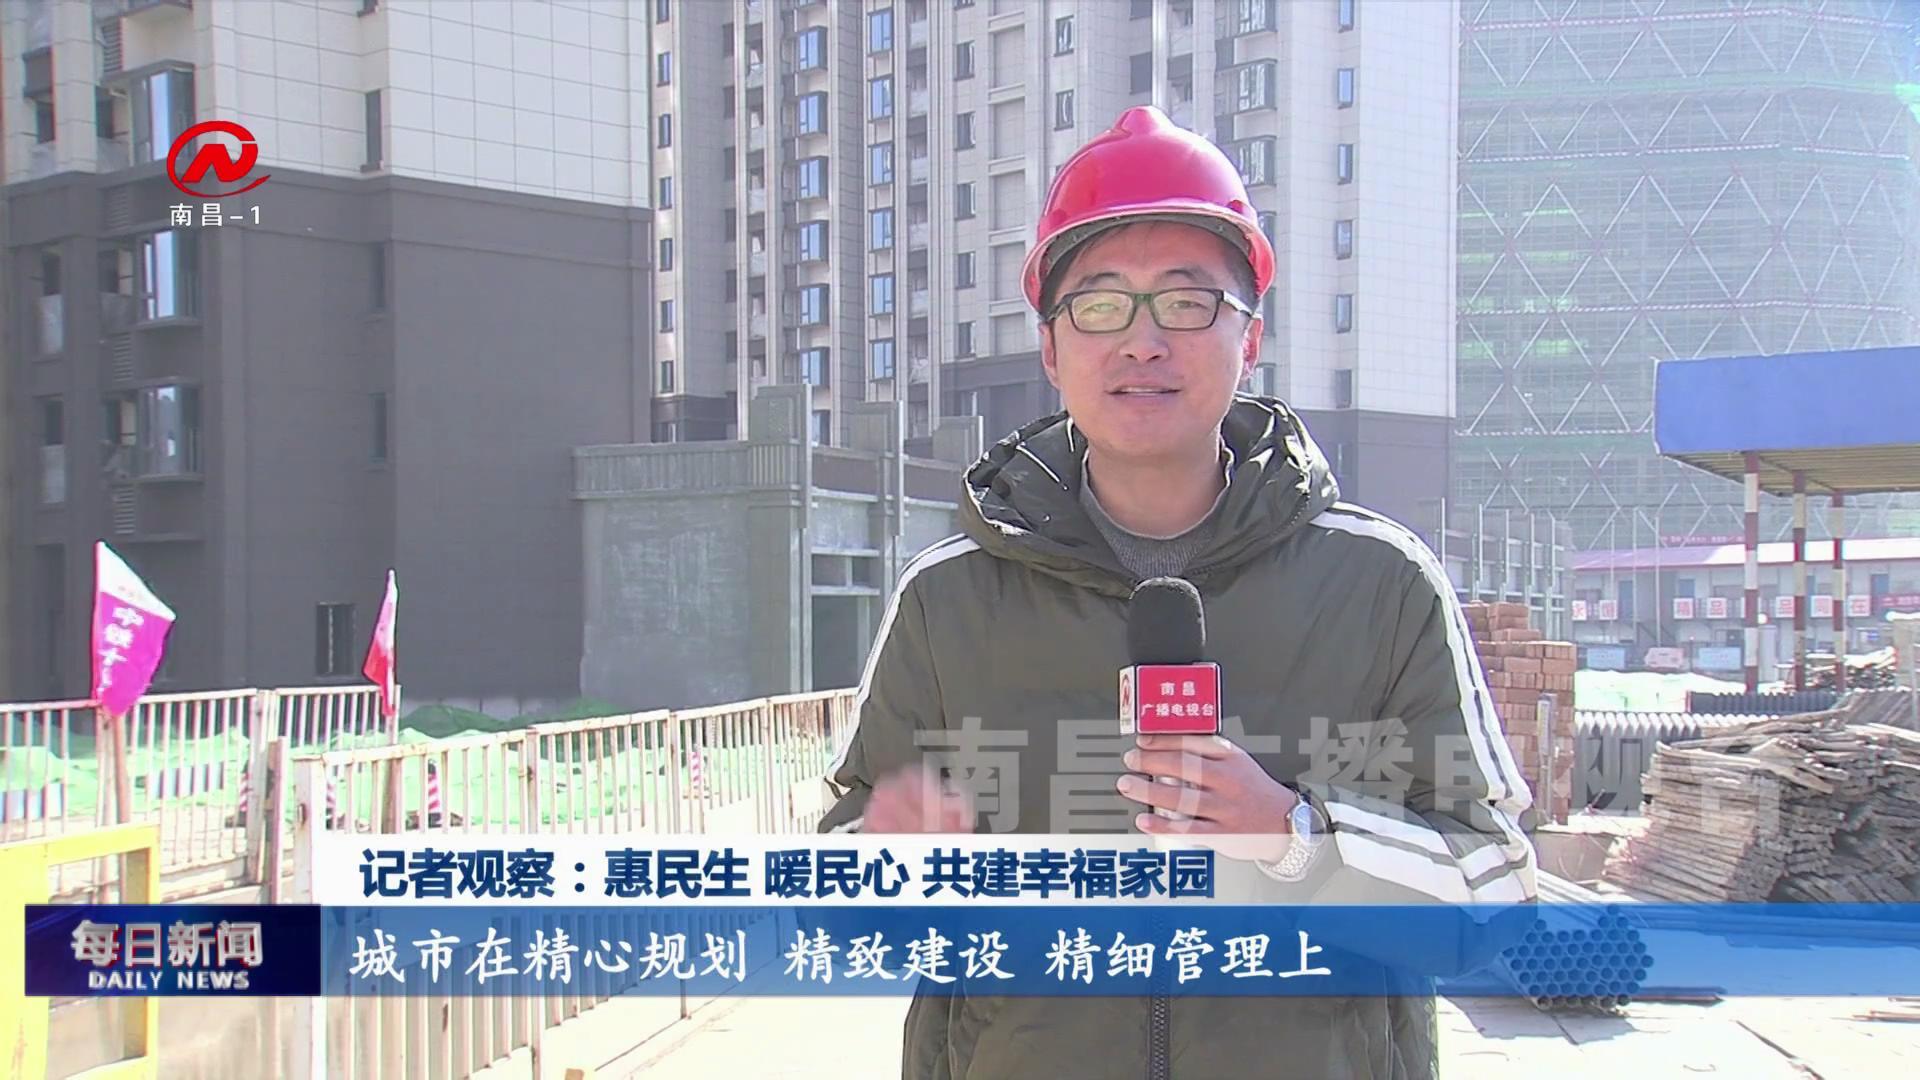 记者观察:惠民生 暖民心 共建幸福家园